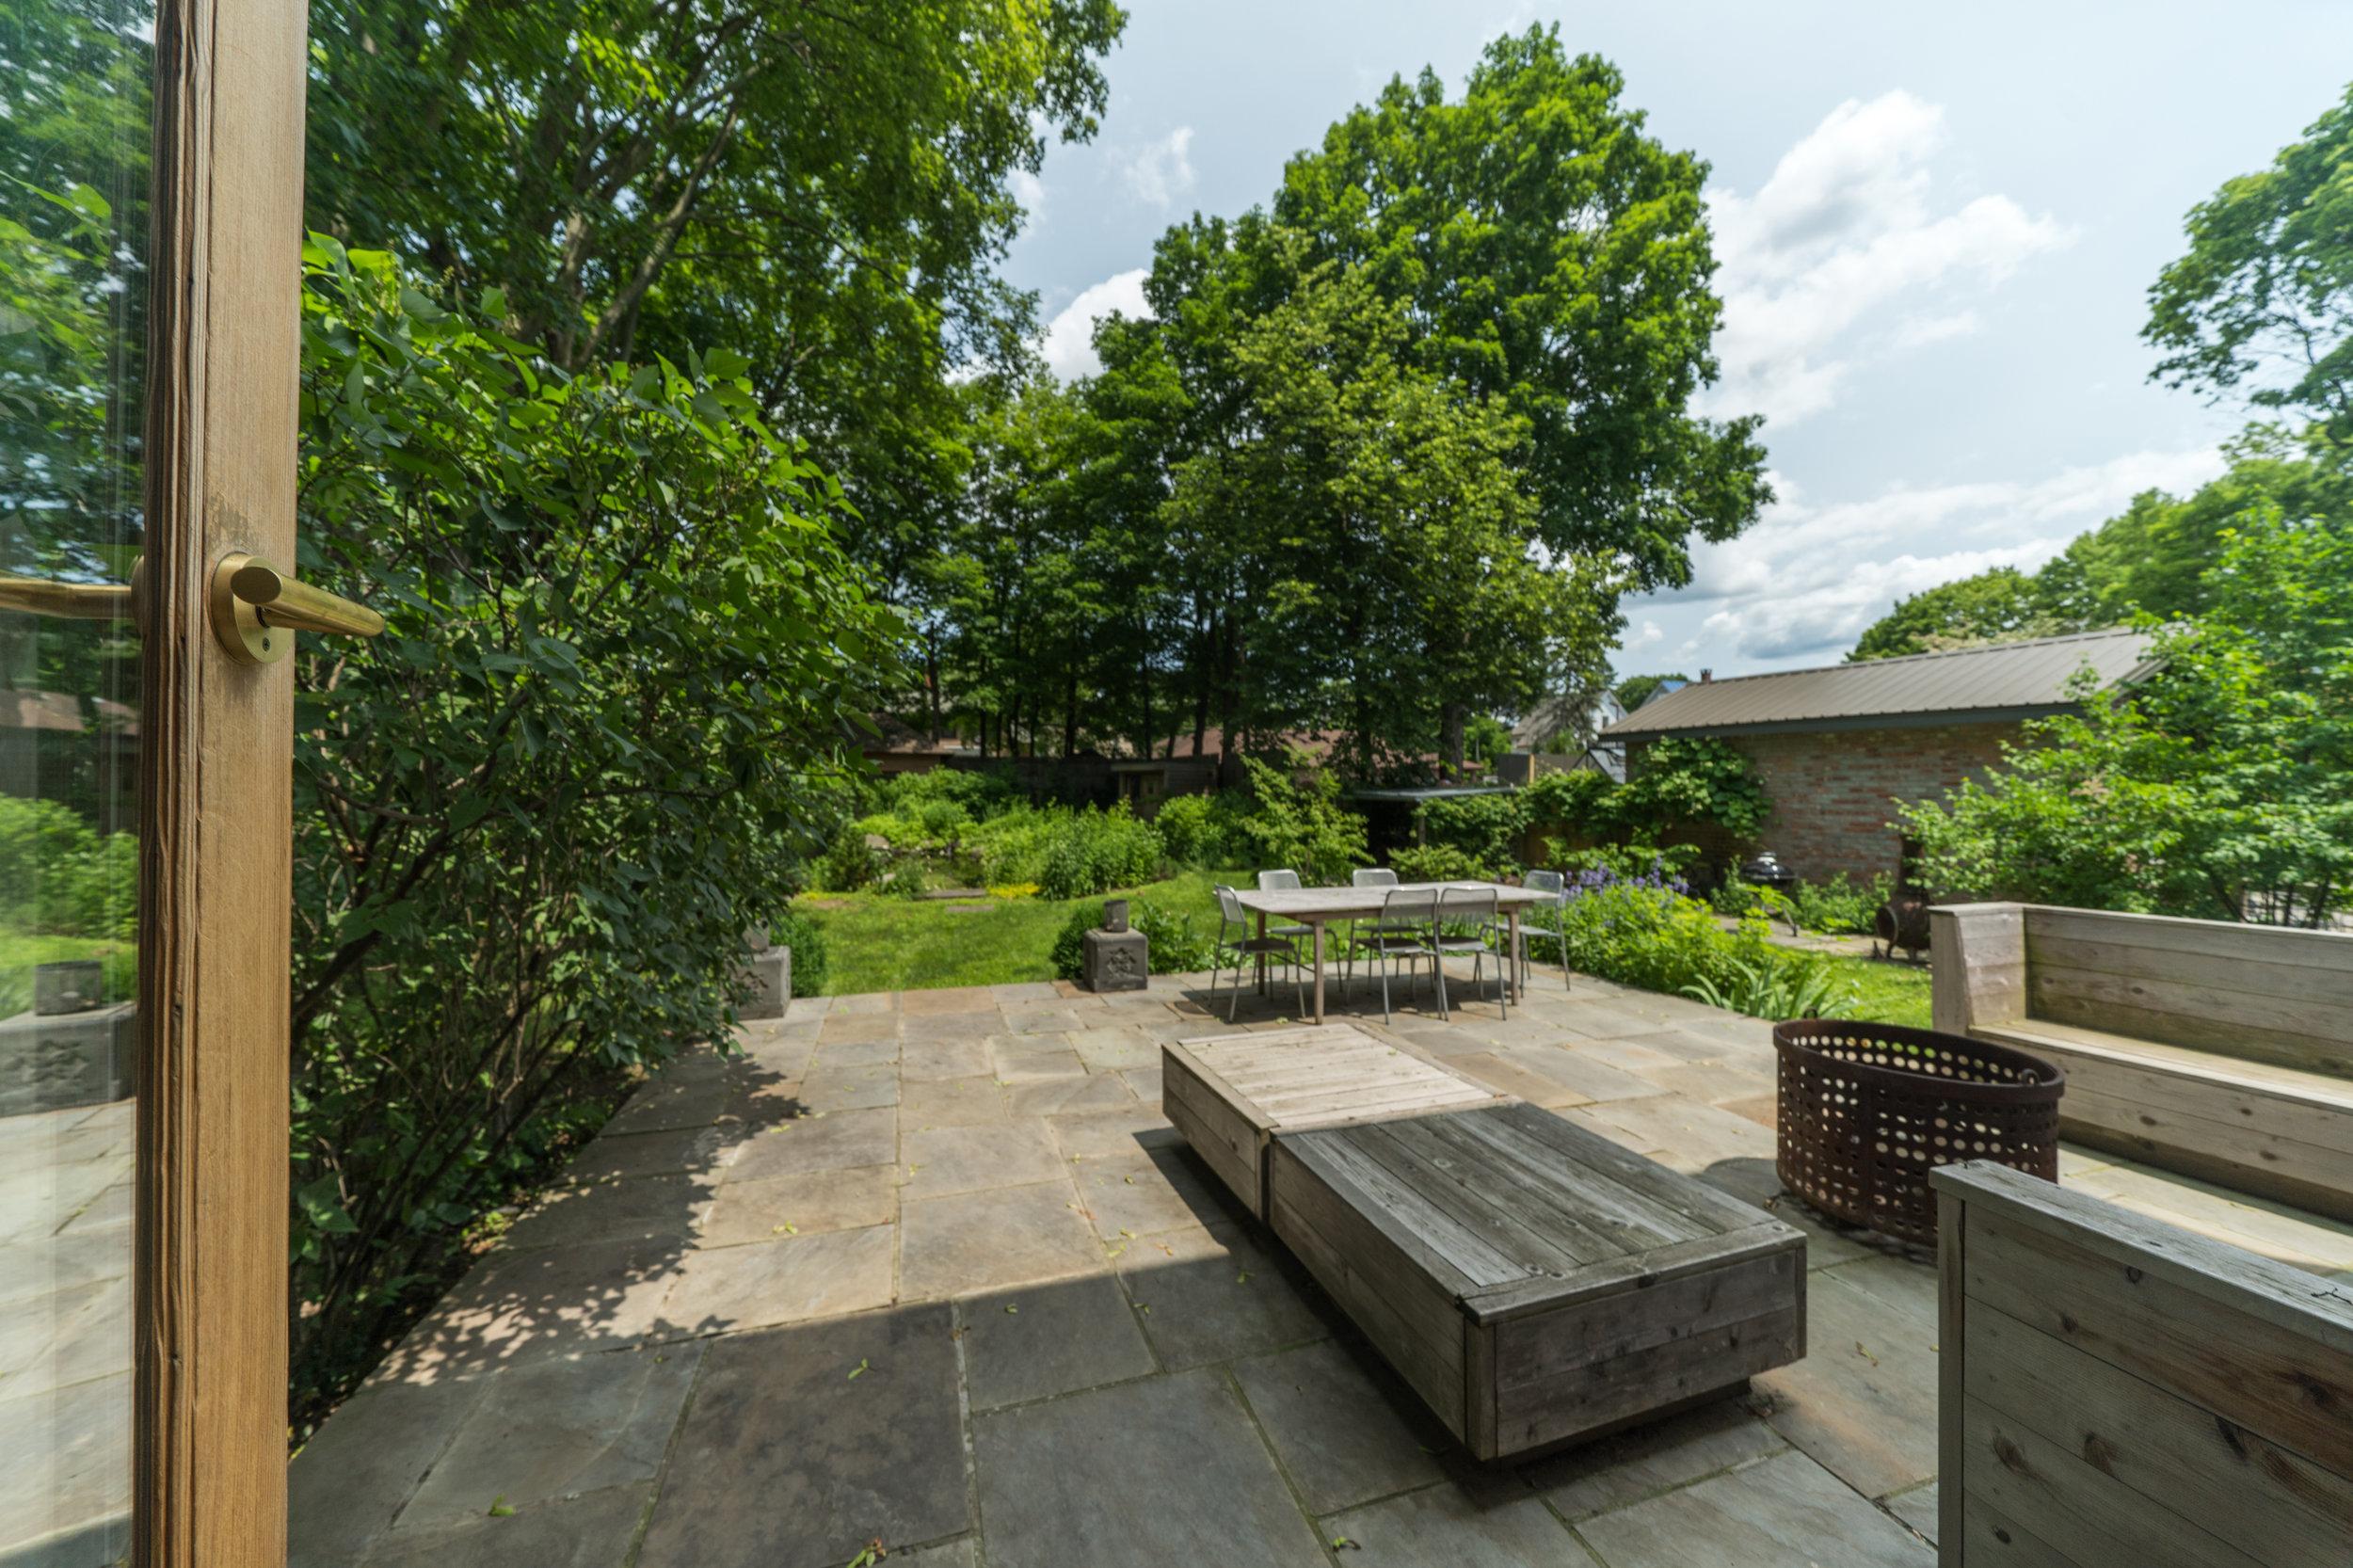 UptownKingston-Garden-Sitting-Area.jpg